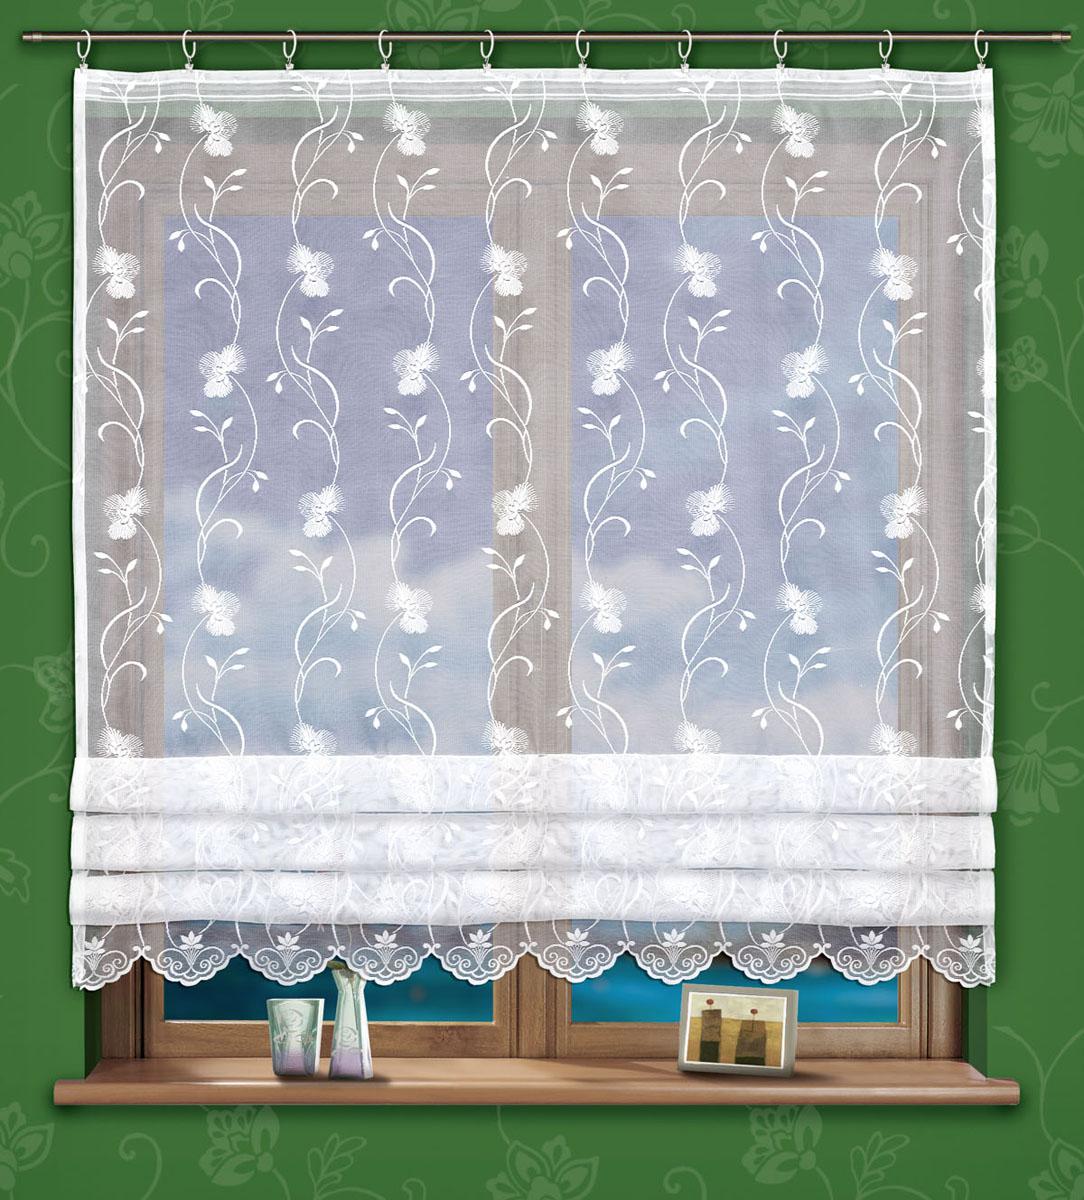 Гардина Salma, на ленте, цвет: белый, высота 150 см723546Воздушная гардина Salma, изготовленная из полиэстера белого цвета, станет украшением любого окна. Тонкое плетение и роскошный цветочный узор привлекут к себе внимание и органично впишутся в интерьер. В гардину вшита шторная лента. Характеристики:Материал: 100% полиэстер. Размер упаковки:27 см х 35 см х 3 см. Артикул: 737840.В комплект входит:Гардина - 1 шт. Размер (Ш х В): 160 см х 150 см. Фирма Wisan на польском рынке существует уже более пятидесяти лет и является одной из лучших польских фабрик по производству штор и тканей. Ассортимент фирмы представлен готовыми комплектами штор для гостиной, детской, кухни, а также текстилем для кухни (скатерти, салфетки, дорожки, кухонные занавески). Модельный ряд отличает оригинальный дизайн, высокое качество. Ассортимент продукции постоянно пополняется.